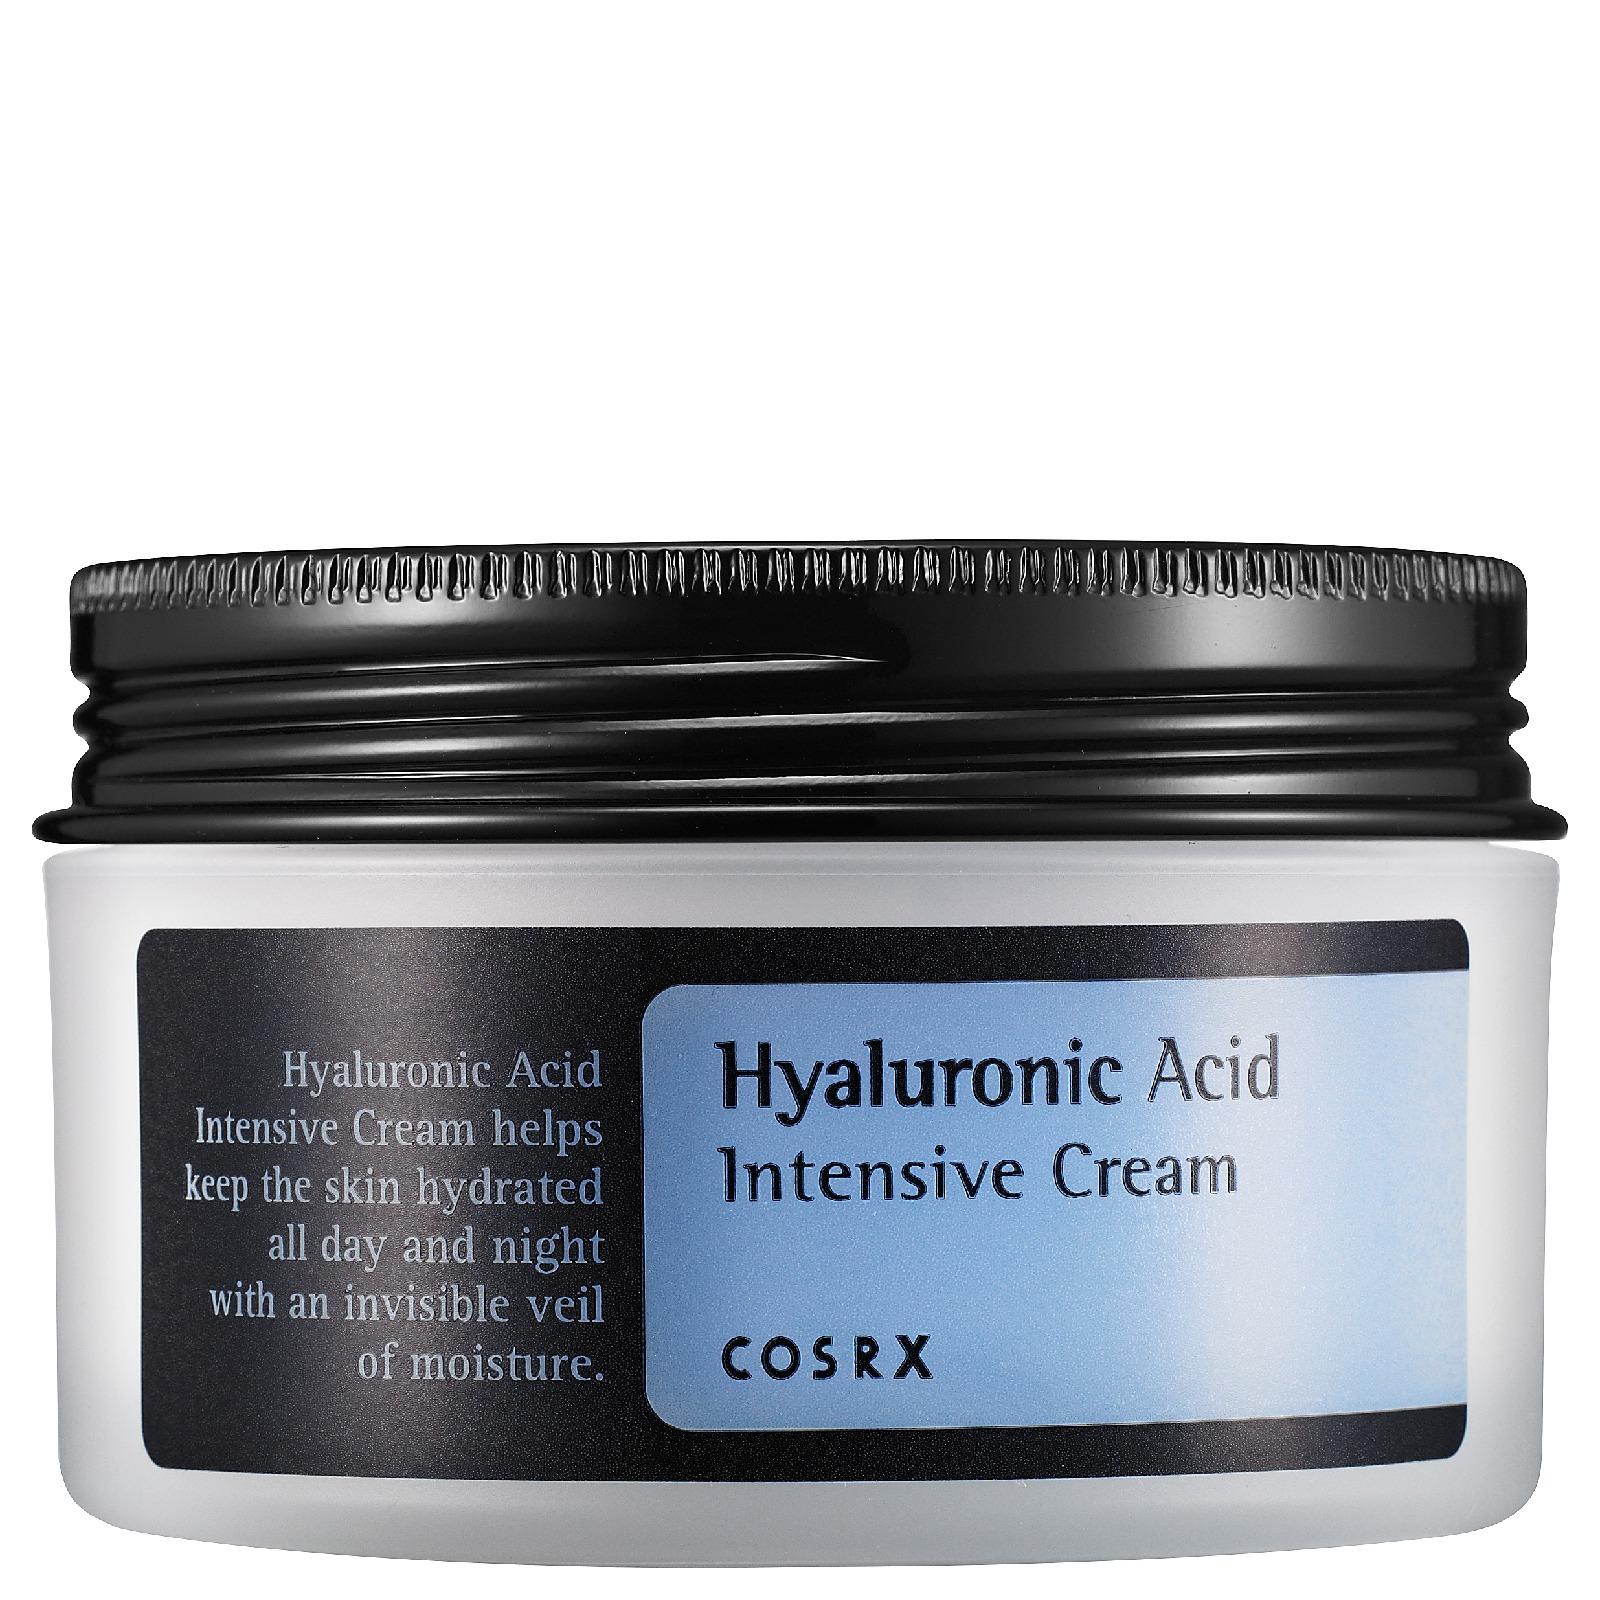 Crema intensiva con ácido hialurónico de COSRX 100 ml